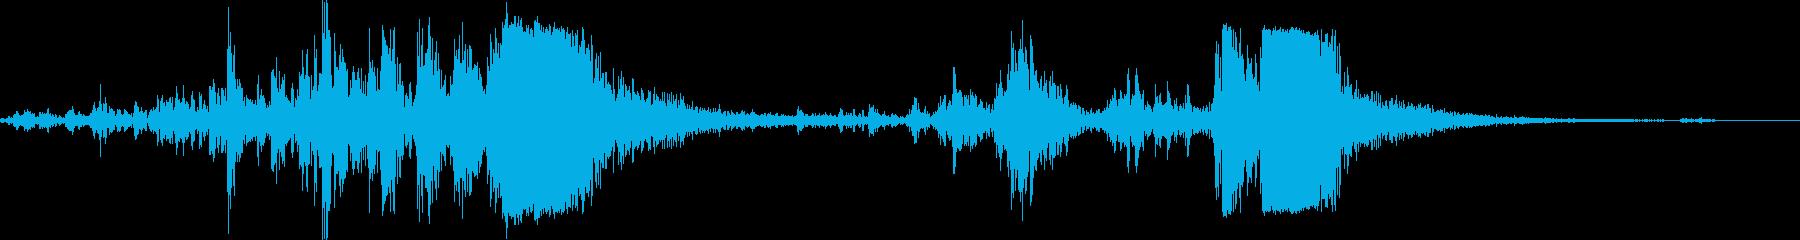 銃 機関銃リロード音 リアル系 動作音付の再生済みの波形